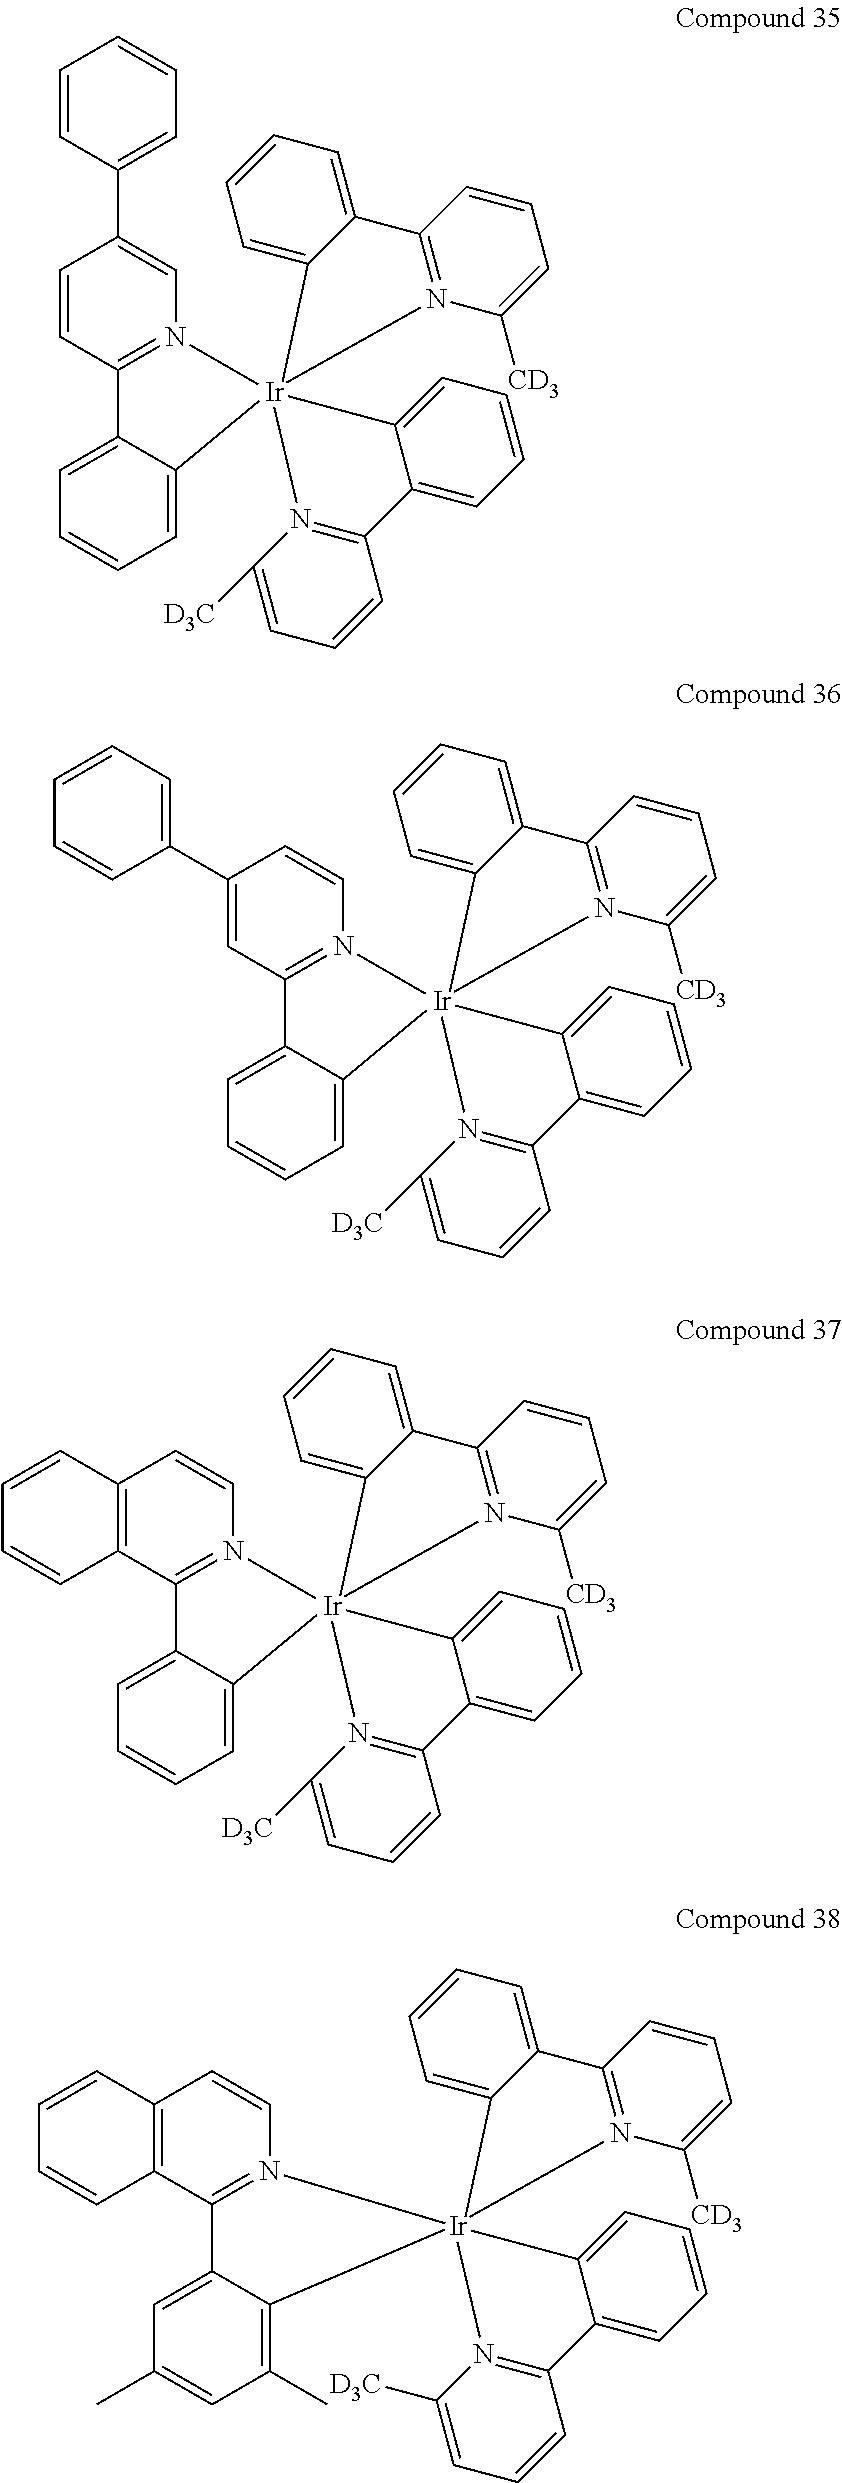 Figure US20100270916A1-20101028-C00168